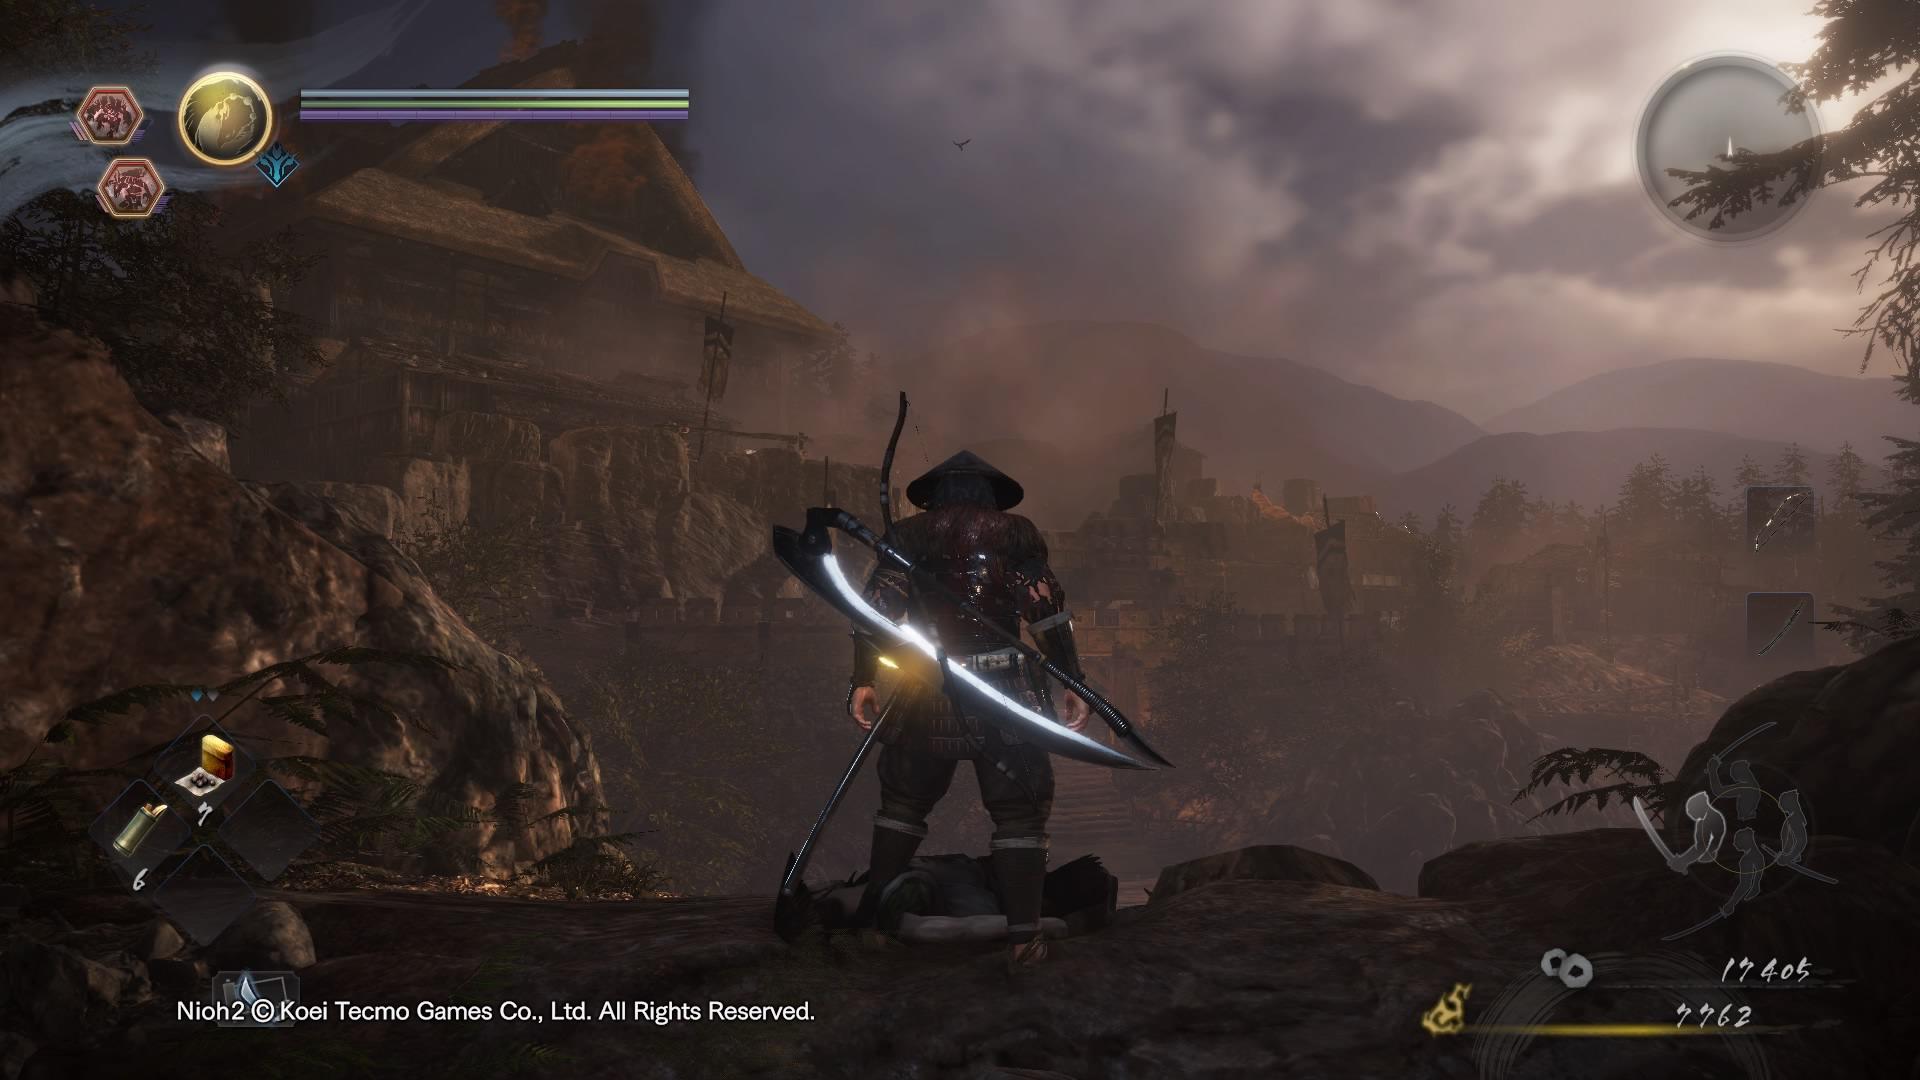 Recenzja gry NiOh 2 - więcej, lepiej, bardziej ninja 32